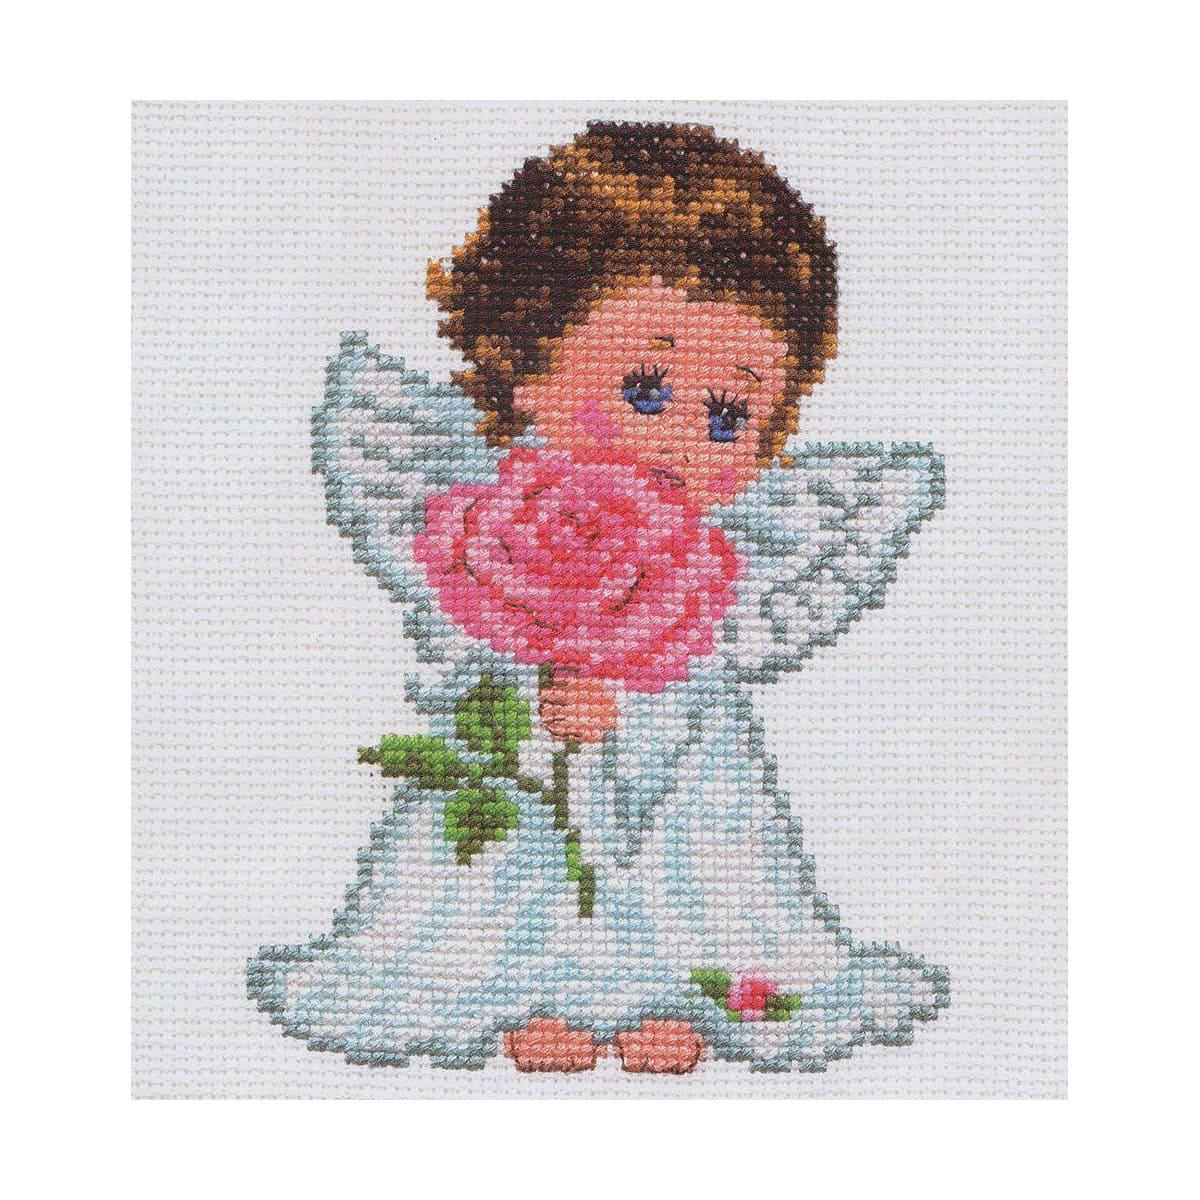 0-13 Набор для вышивания АЛИСА 'Ангелок любви' 10*14см